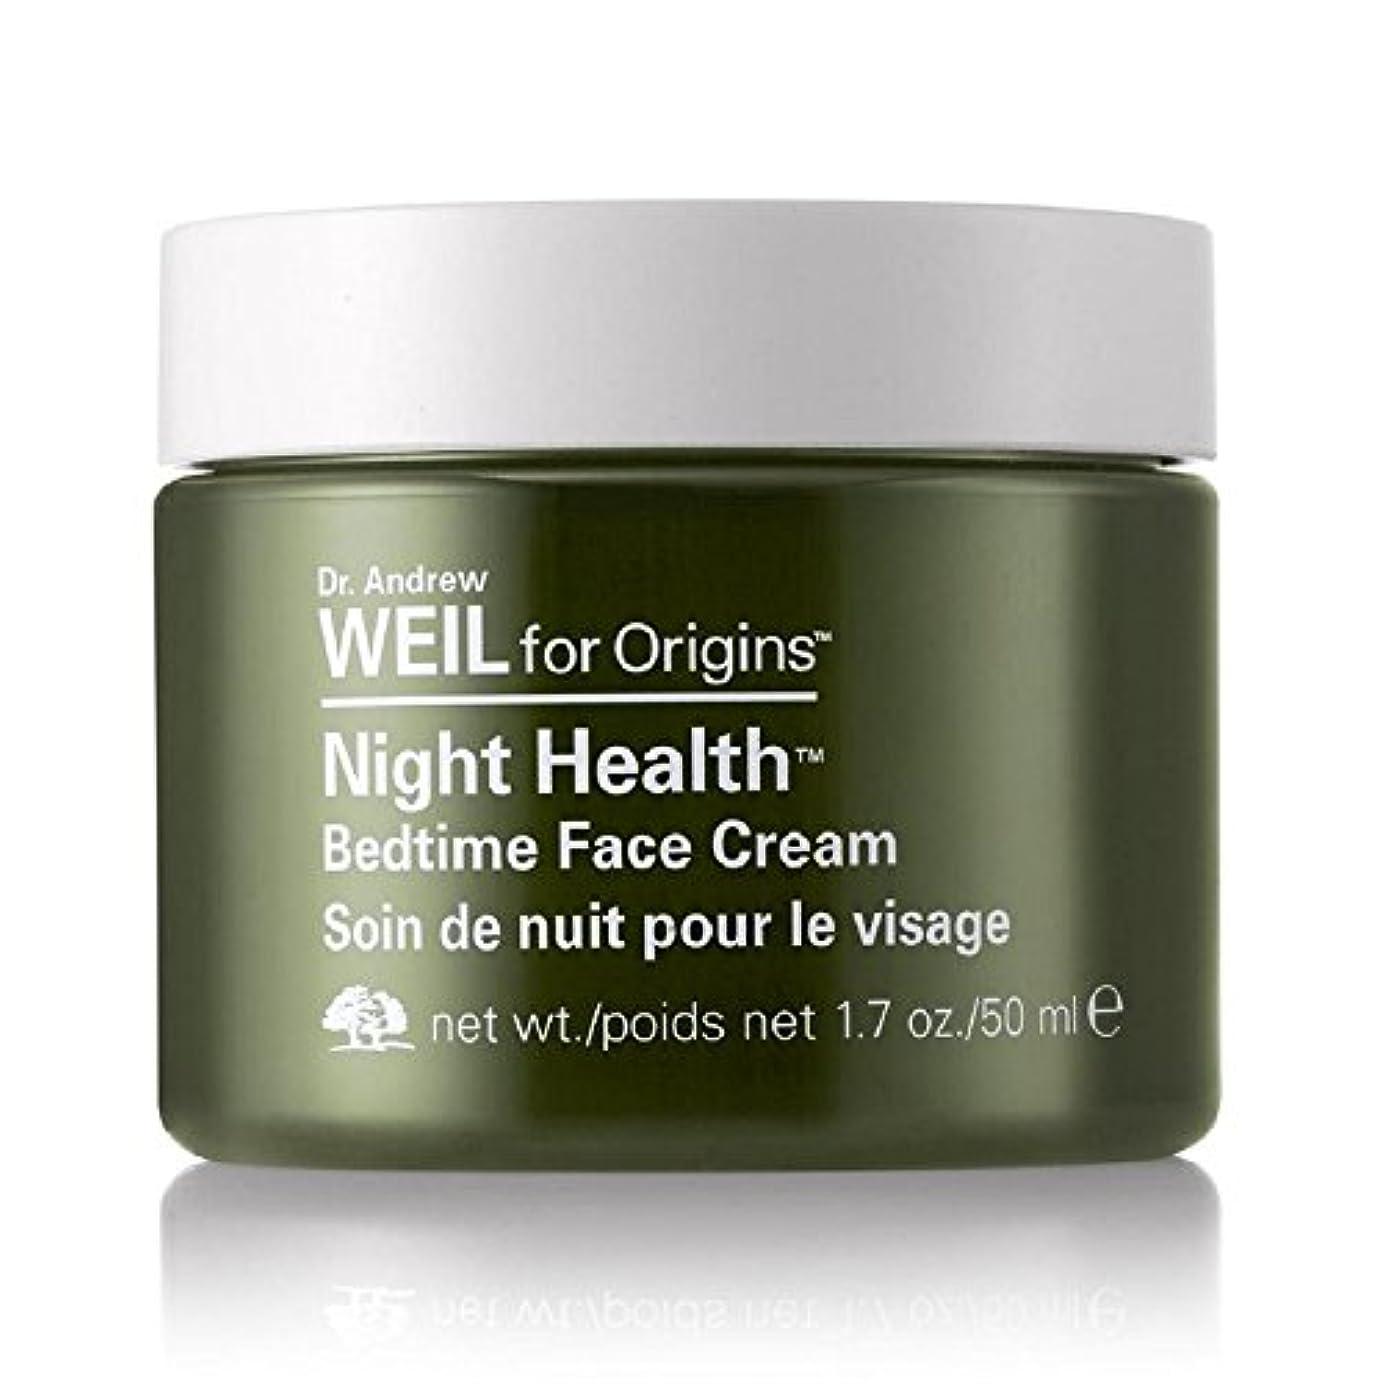 起源のワイル夜の健康顔クリーム50 x2 - Origins Dr Weil Night Health Face Cream 50ml (Pack of 2) [並行輸入品]